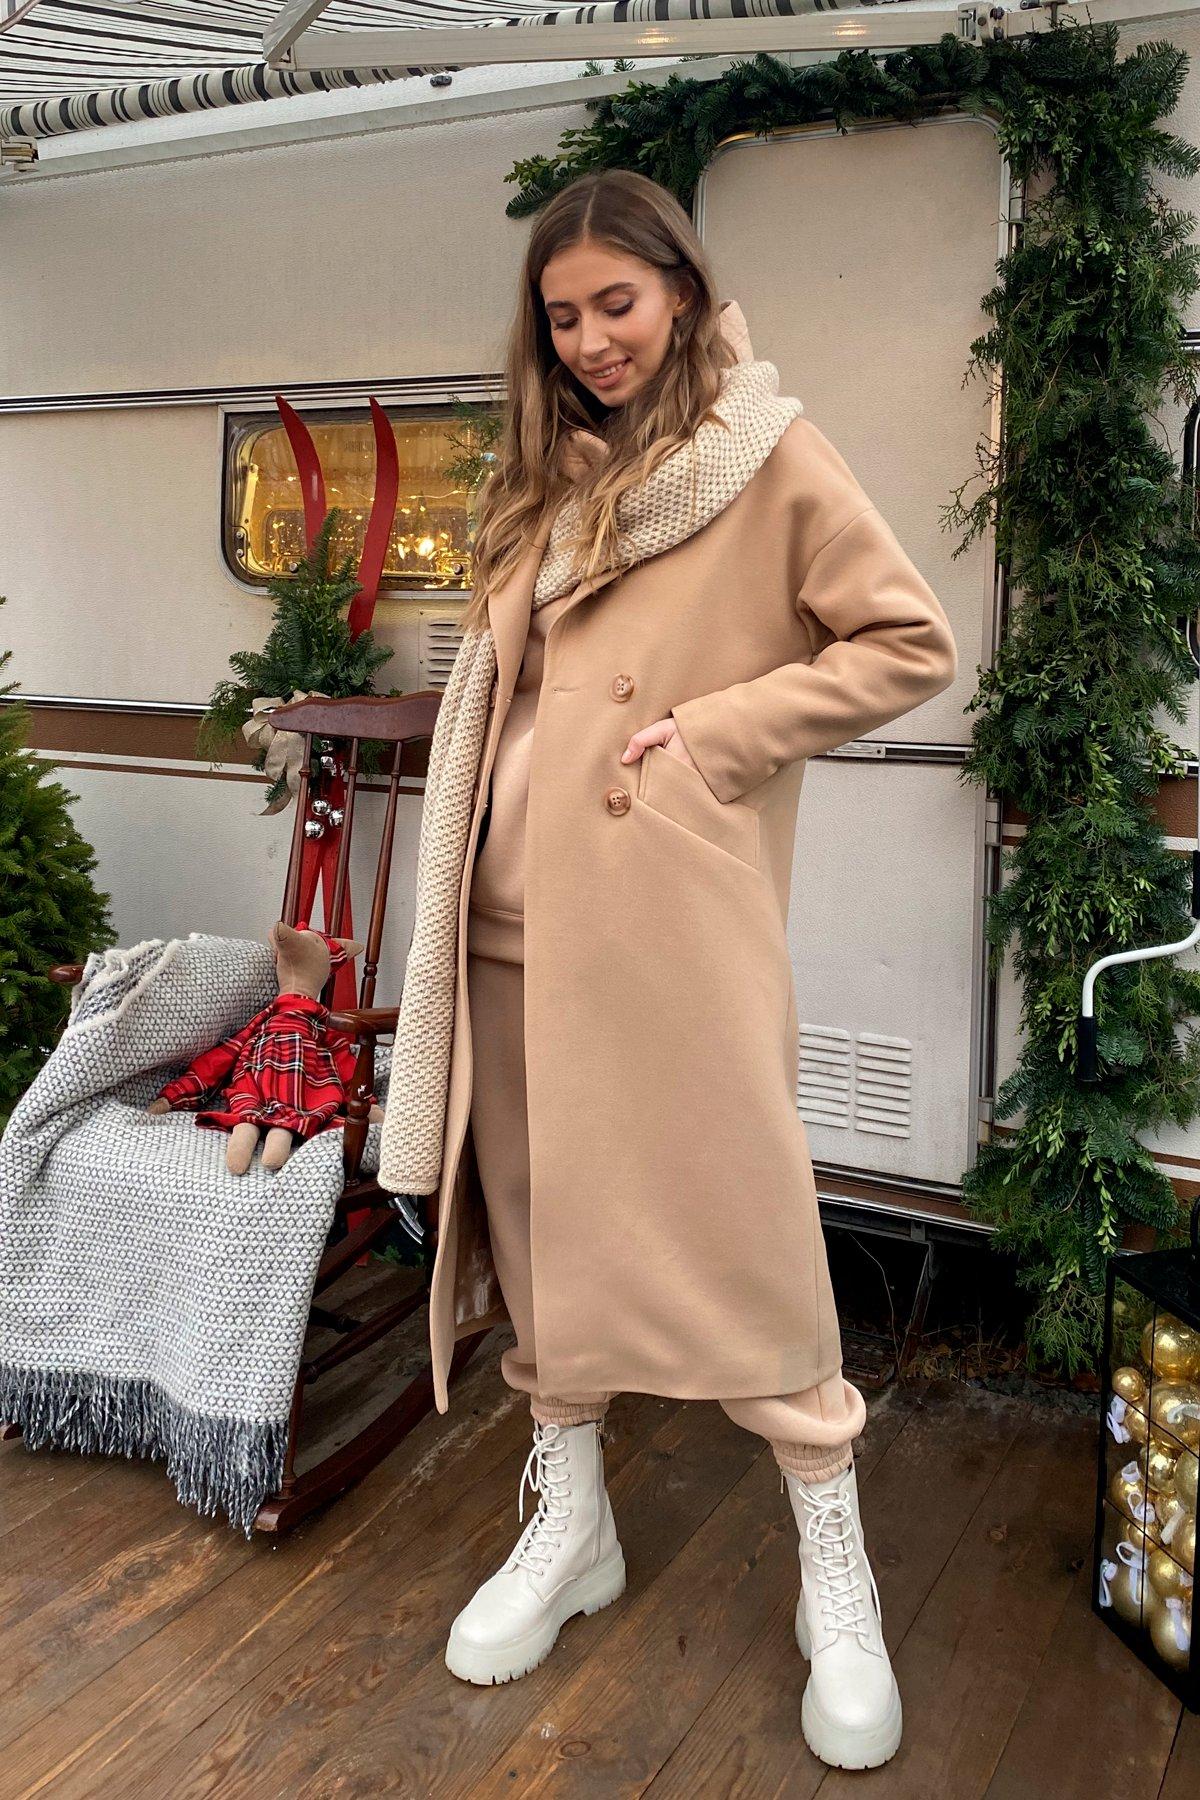 Сенсей макси кашемир турецкий зима пальто 10041 АРТ. 46335 Цвет: Кемел - фото 1, интернет магазин tm-modus.ru